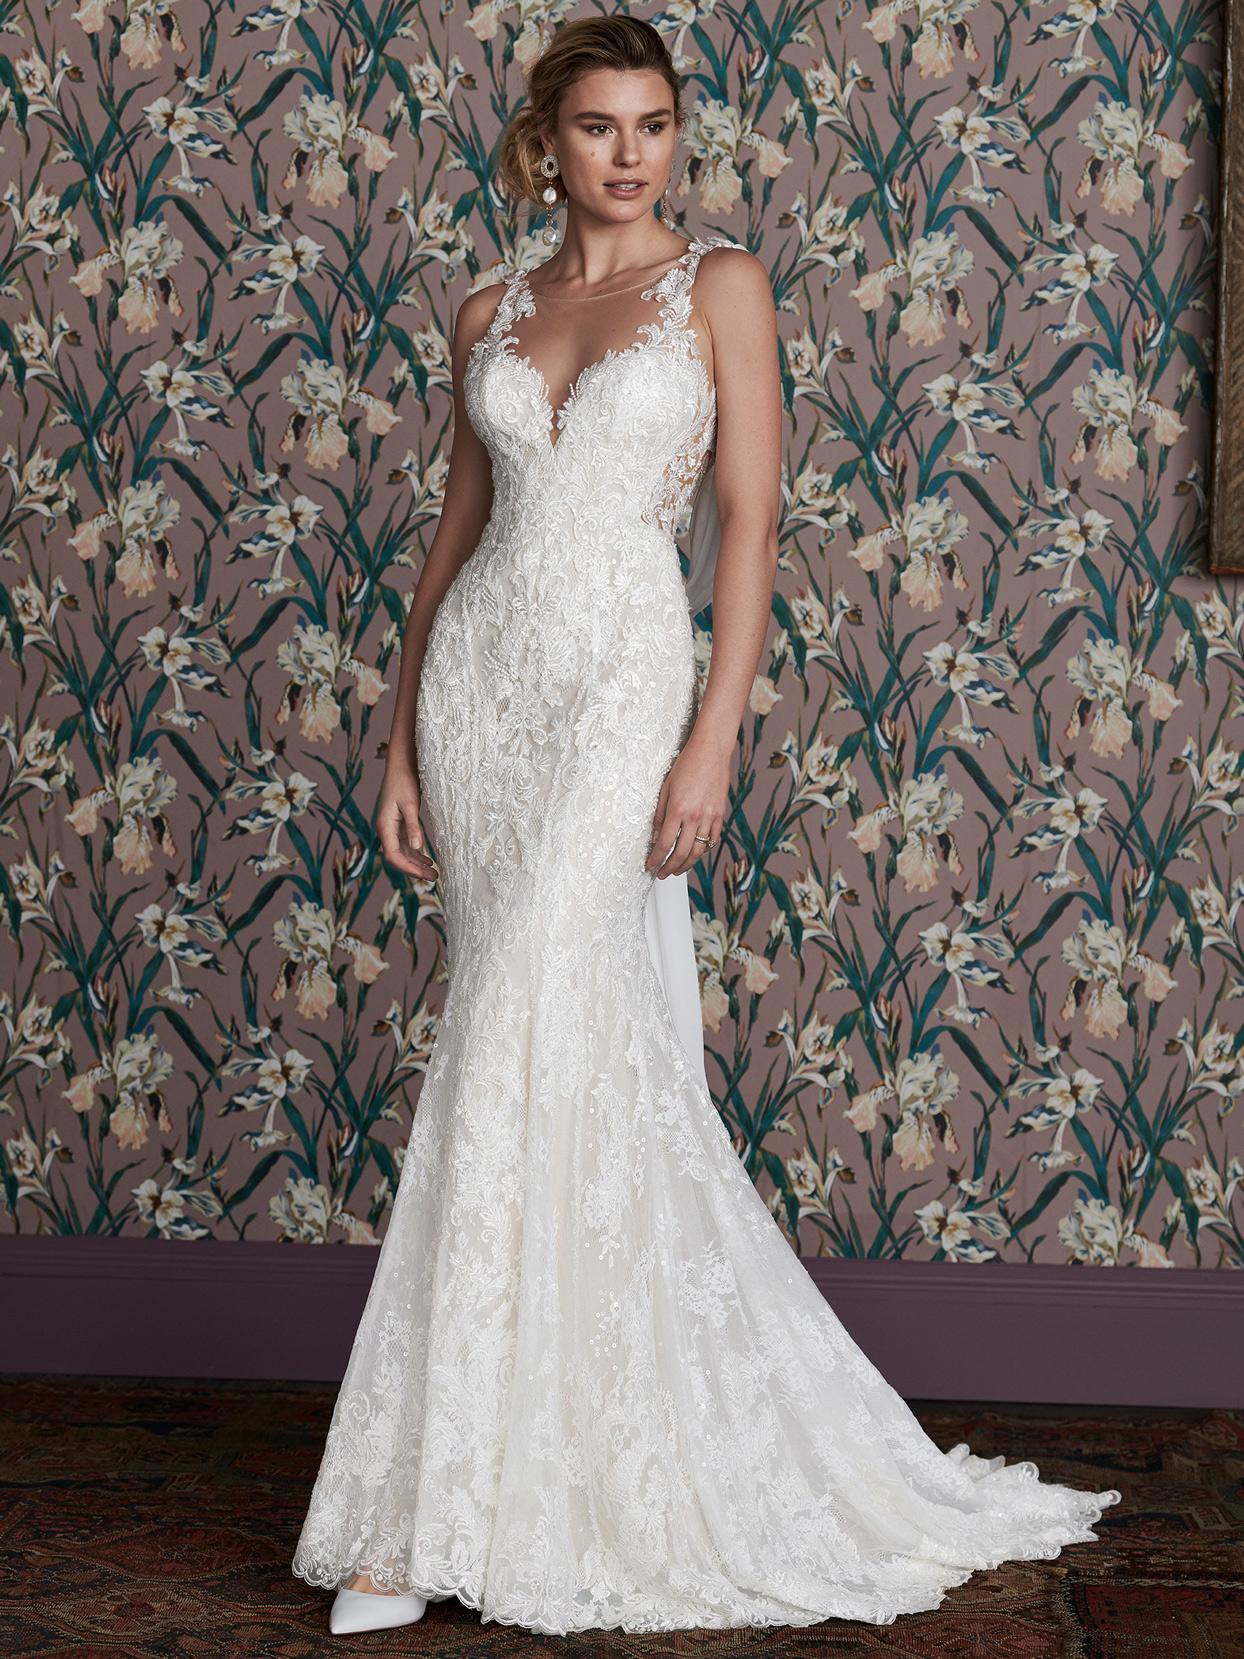 justin alexander lace v-neck illusion sheer side wedding dress spring 2021